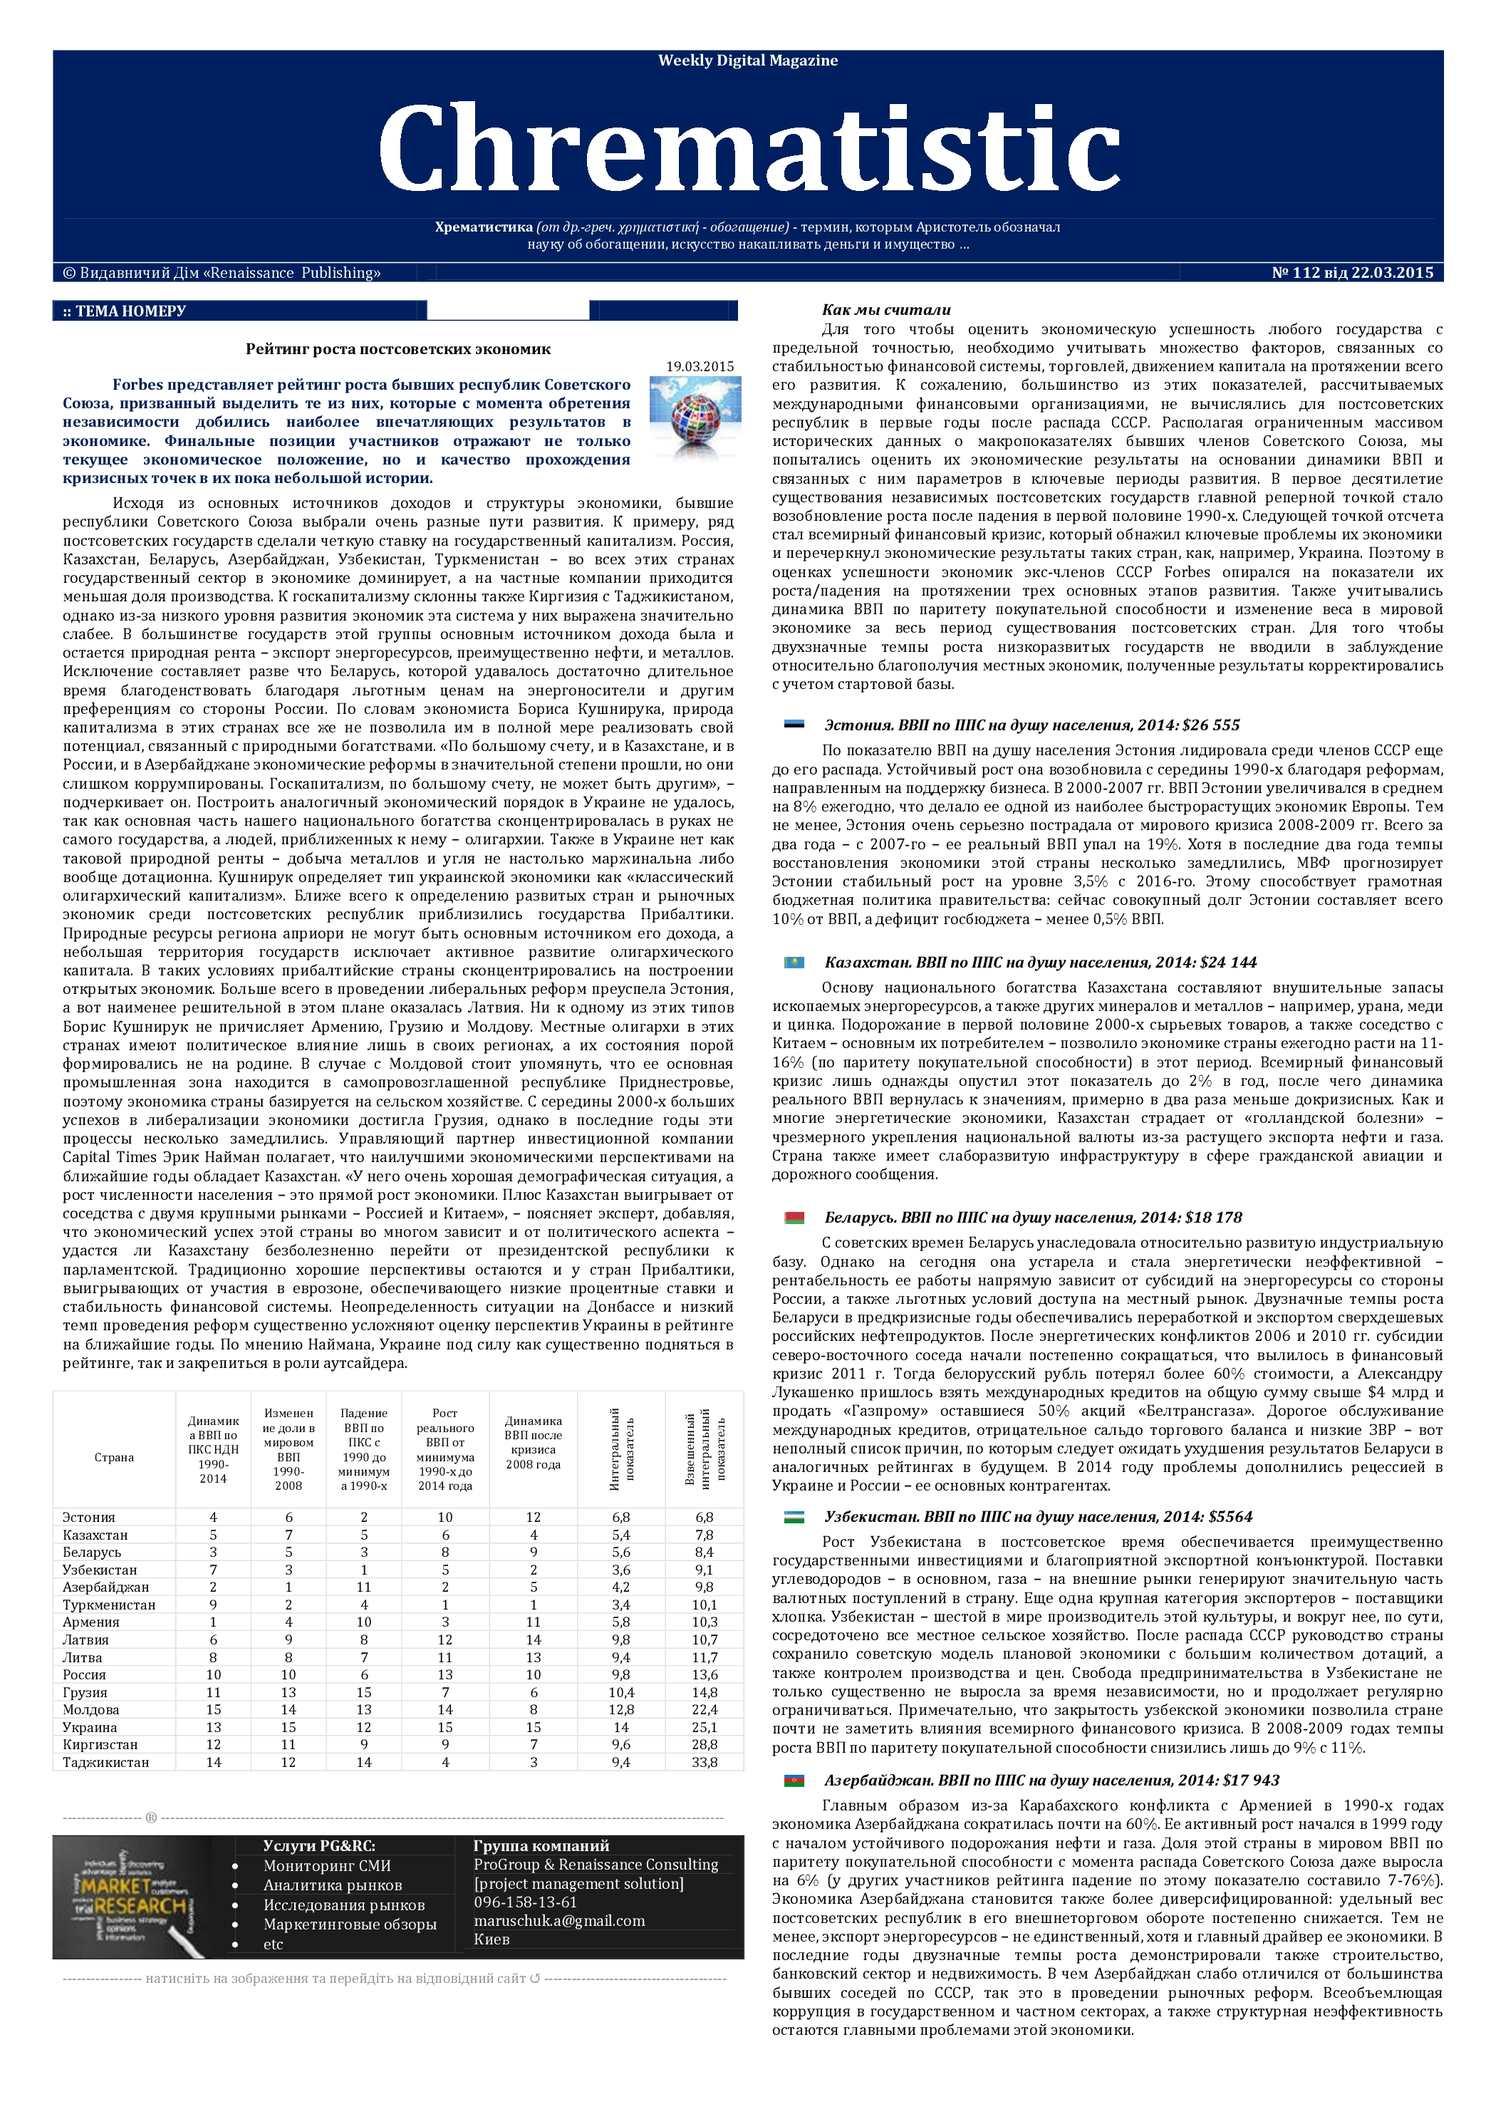 0eeb2ad483a9 Calaméo - №112 Wdm «Chrematistic» от 22 03 2015